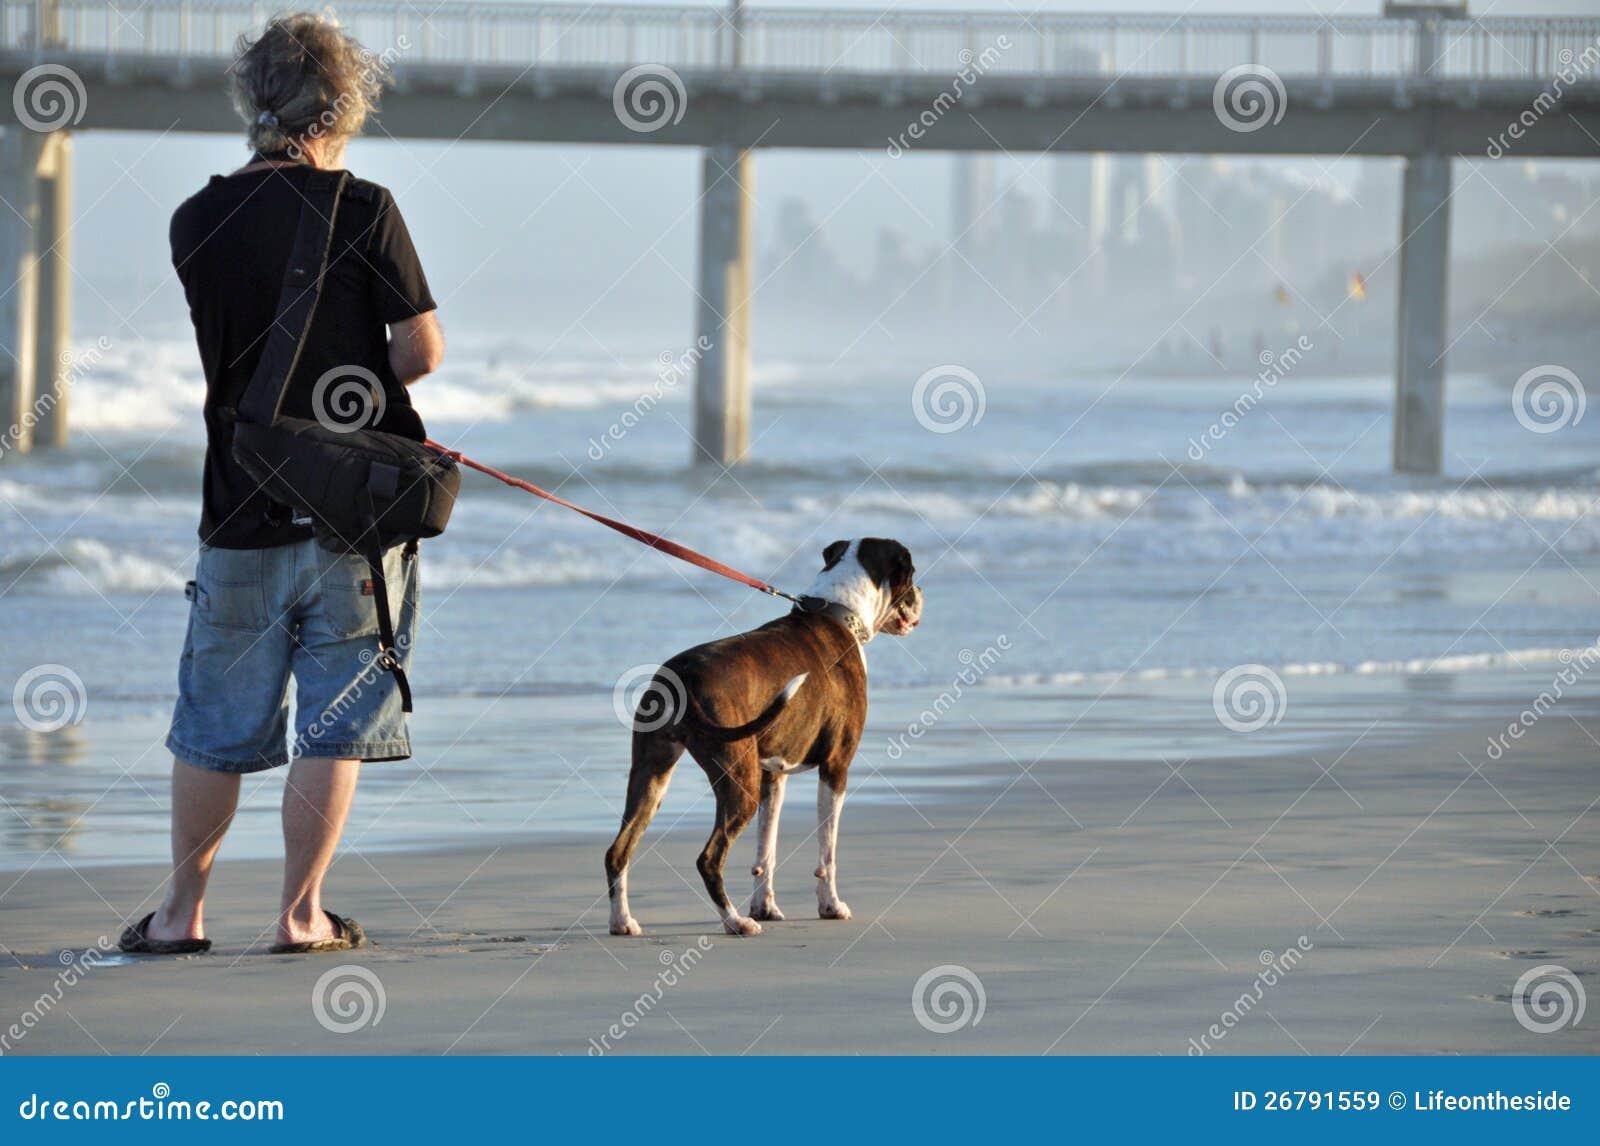 Dog Walking Prices Australia